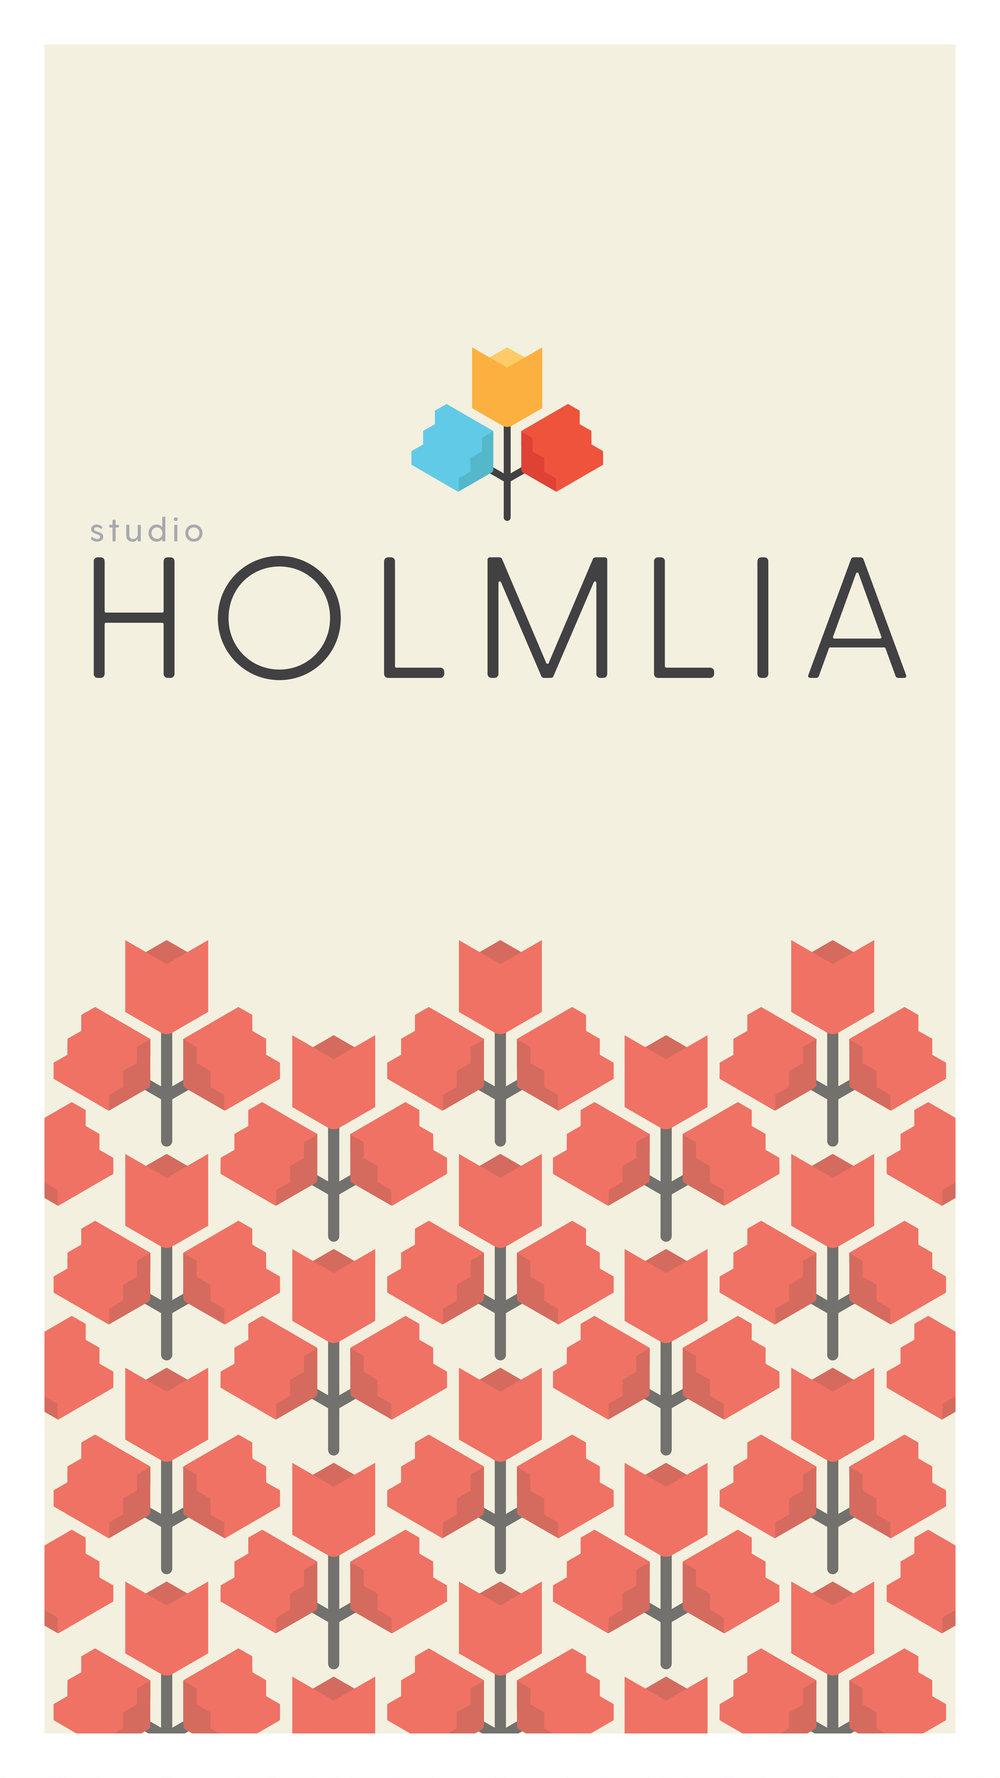 HOLMLIA_V12.jpg